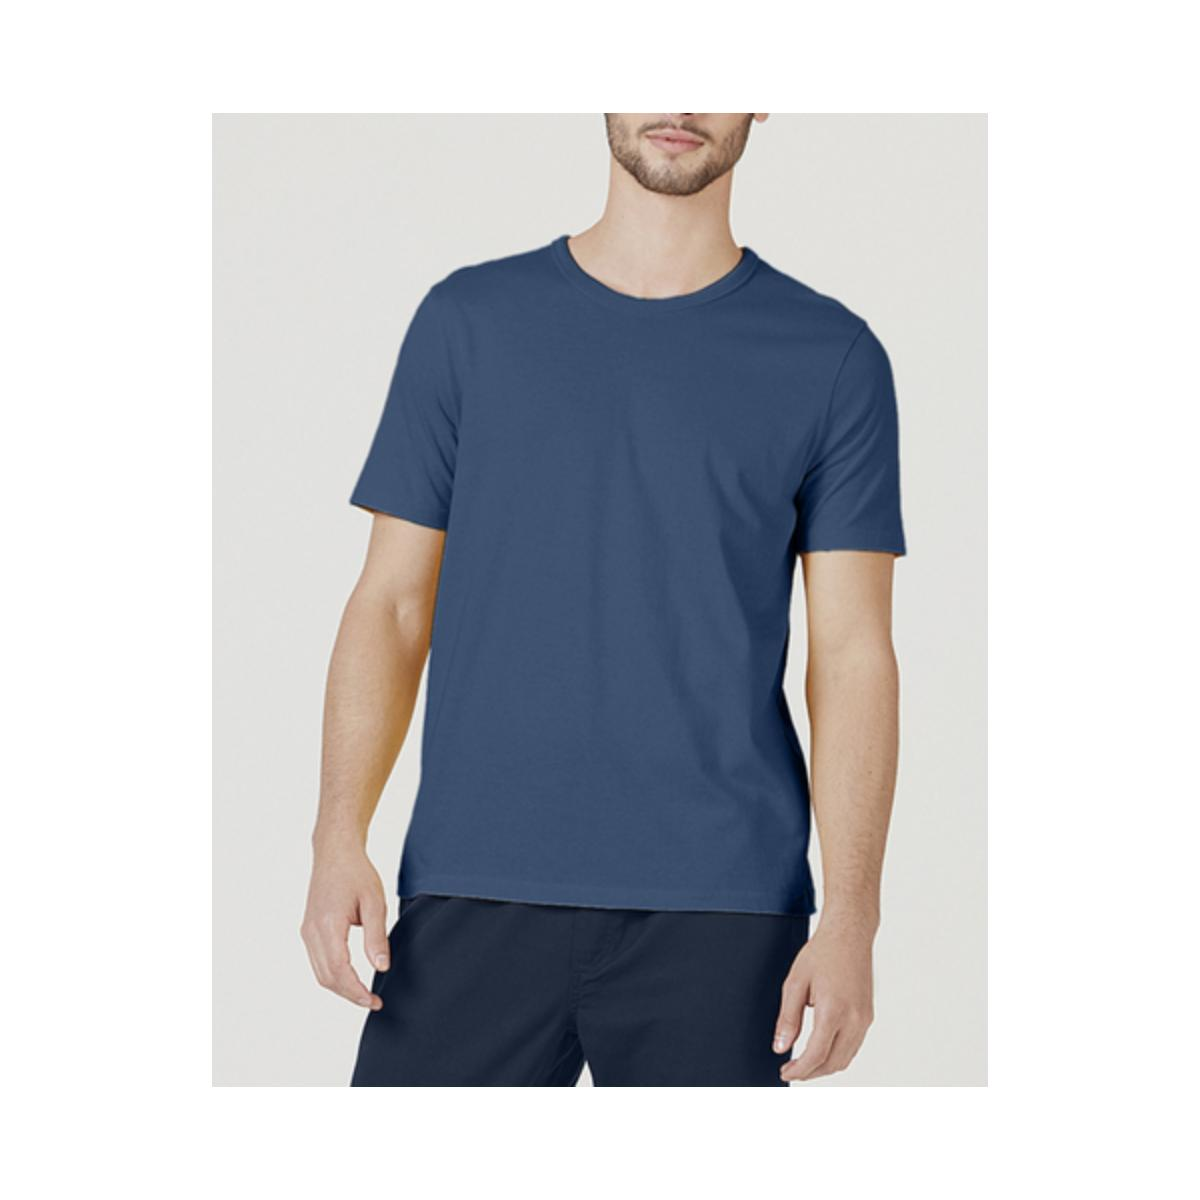 Camiseta Masculina Hering 0299 Az2en Azul